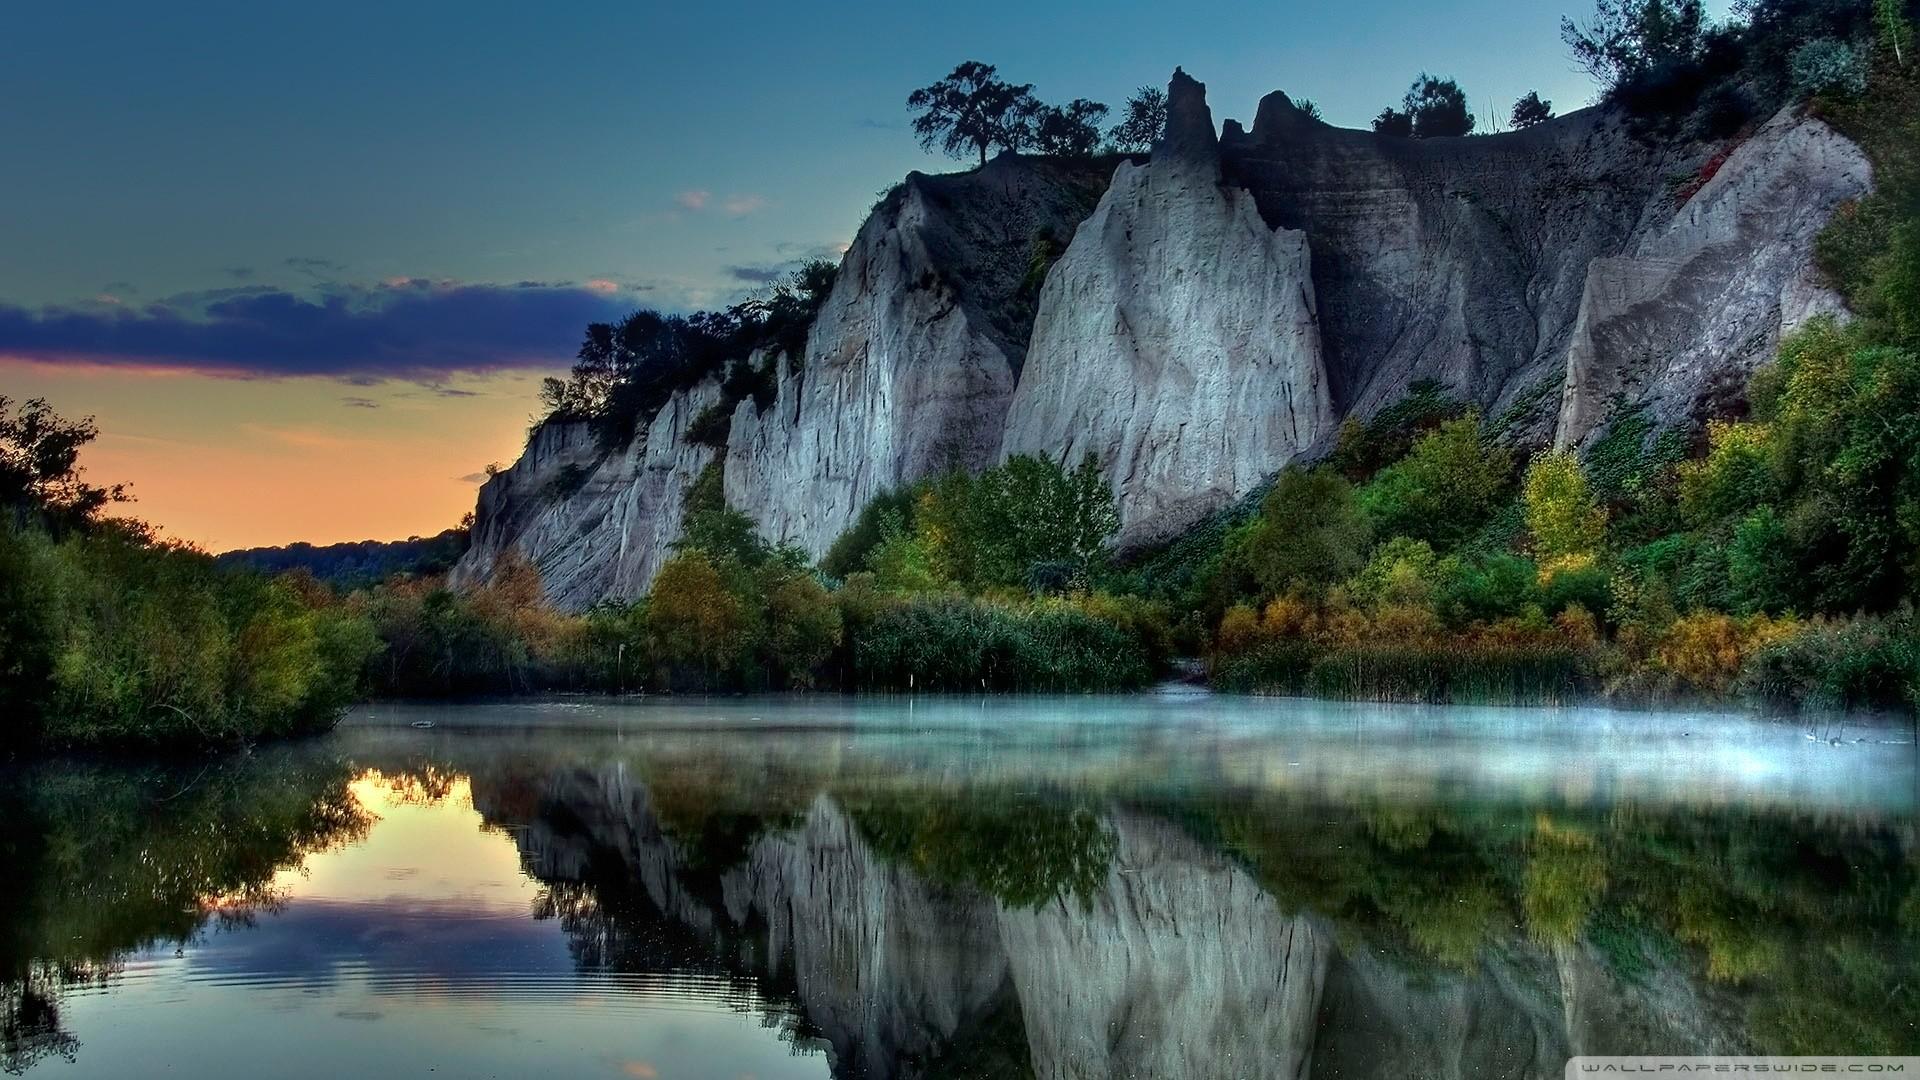 Lake Wallpaper HD. 1920×1080